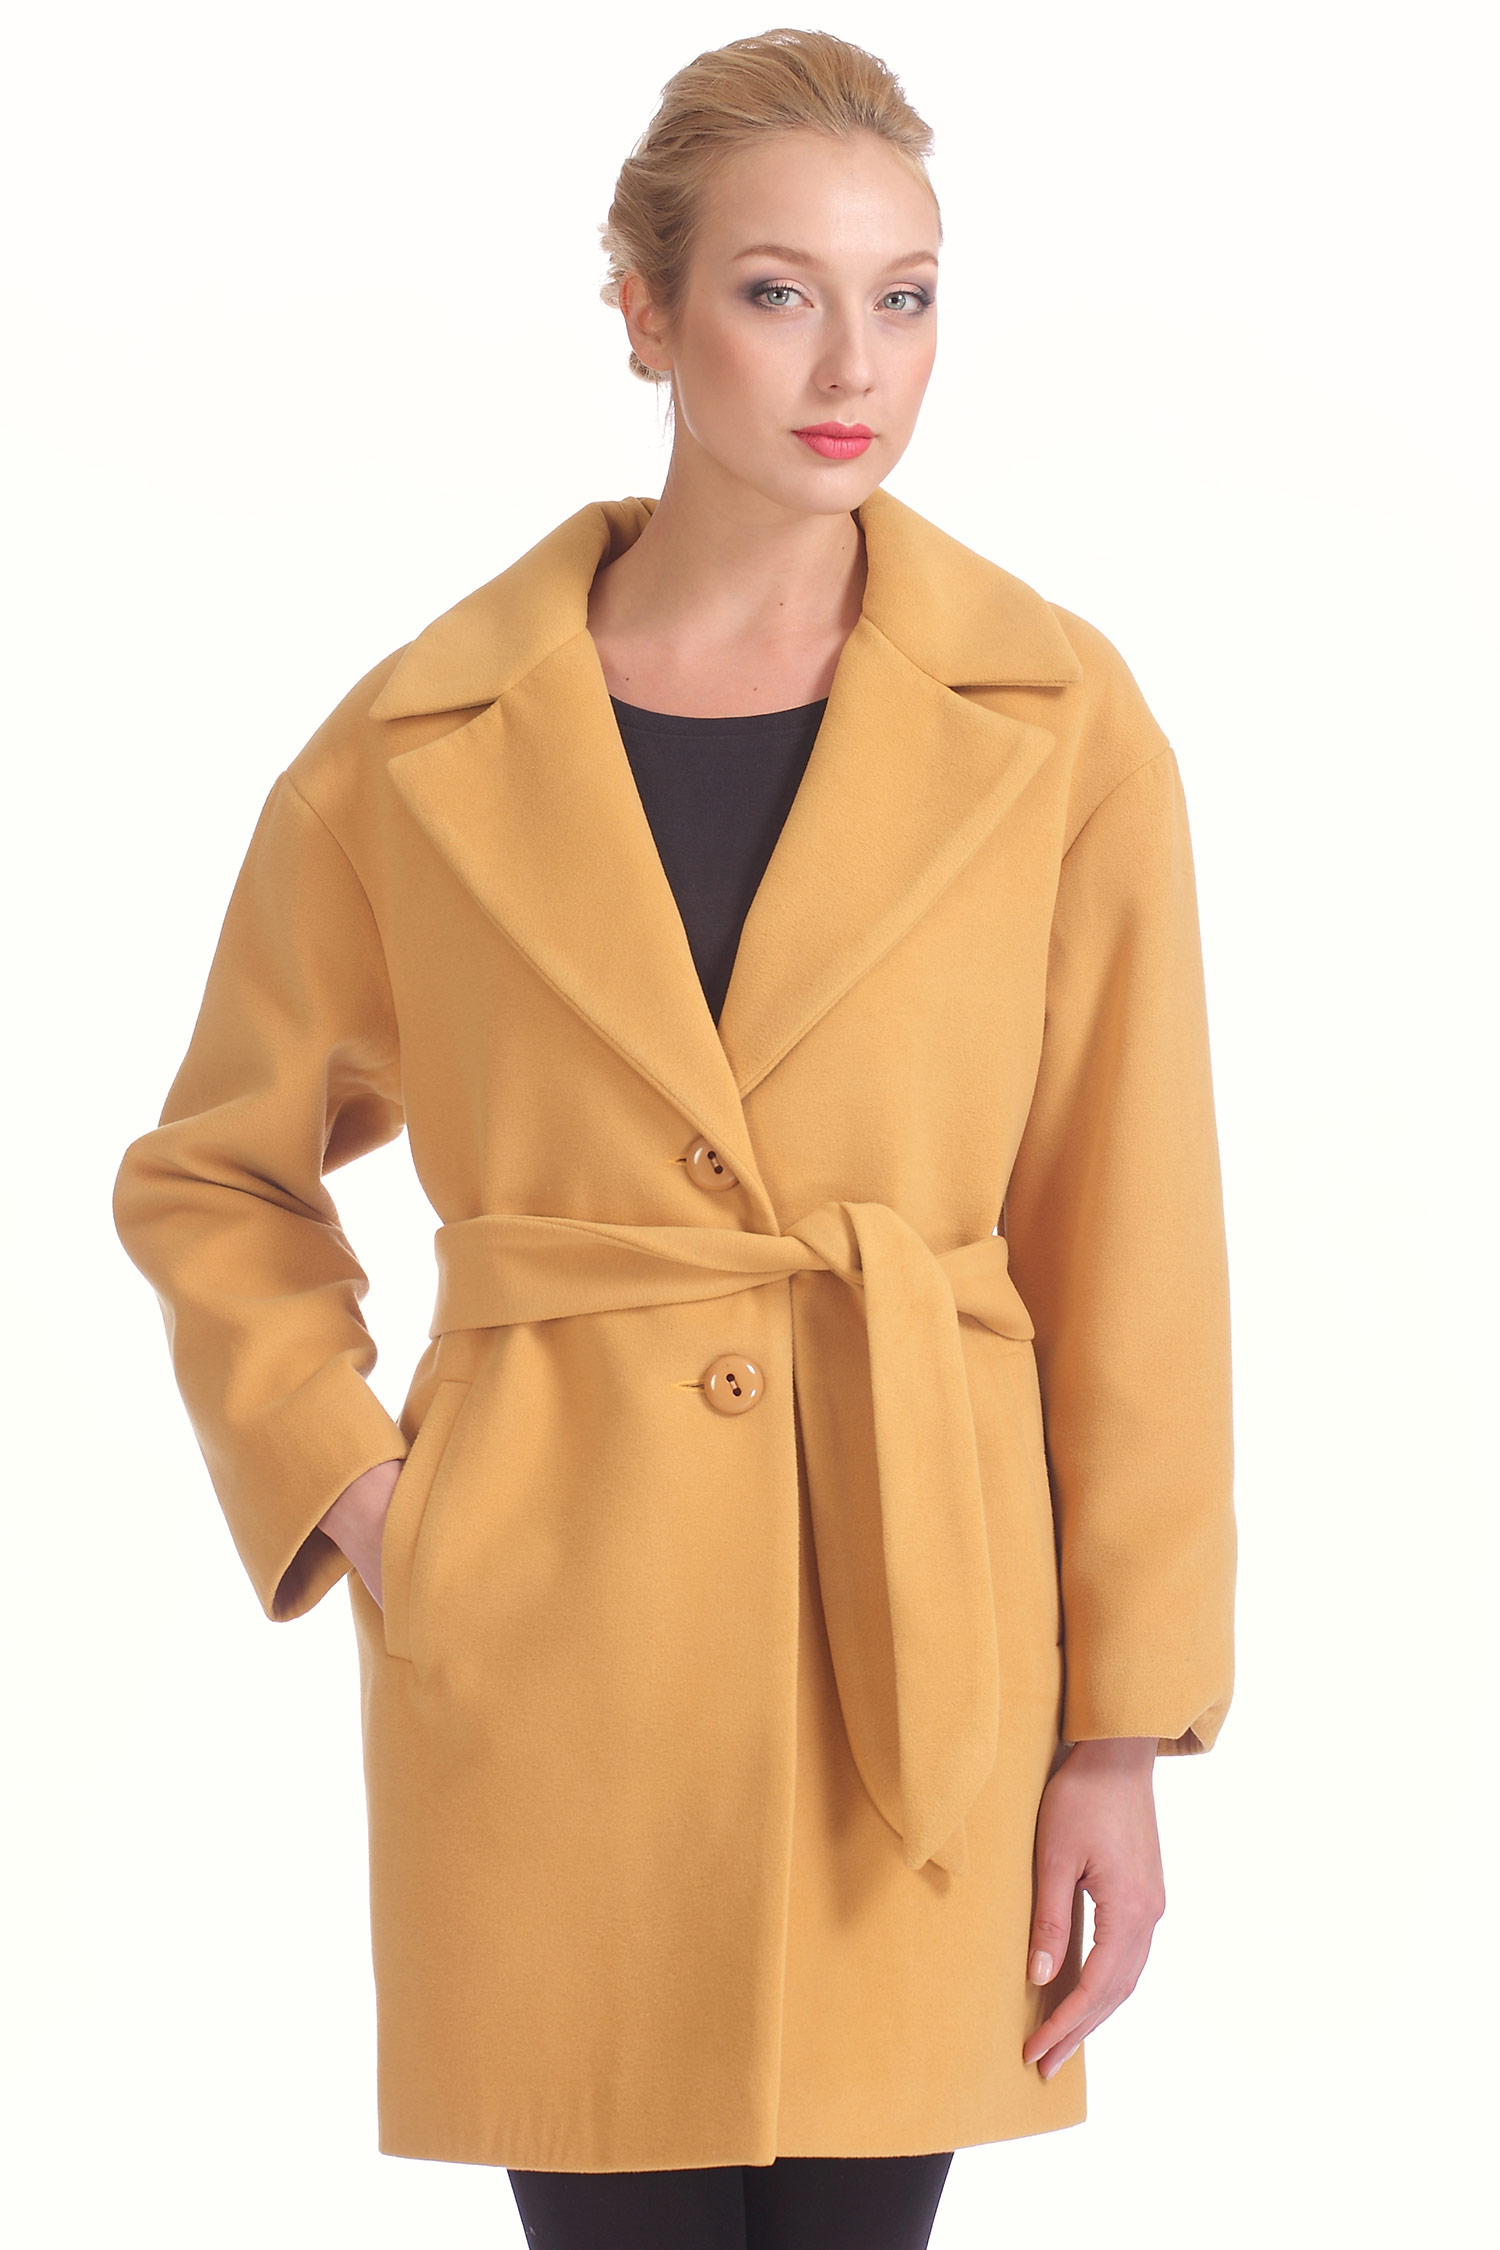 Женское пальто с воротником, без отделки<br><br>Материал: Комбинированный состав<br>Цвет: горчичный<br>Застежка: на пуговицы<br>Вид застежки: центральная<br>Воротник: английский<br>Длина см: Длинная (свыше 90)<br>Пол: Женский<br>Размер RU: 42